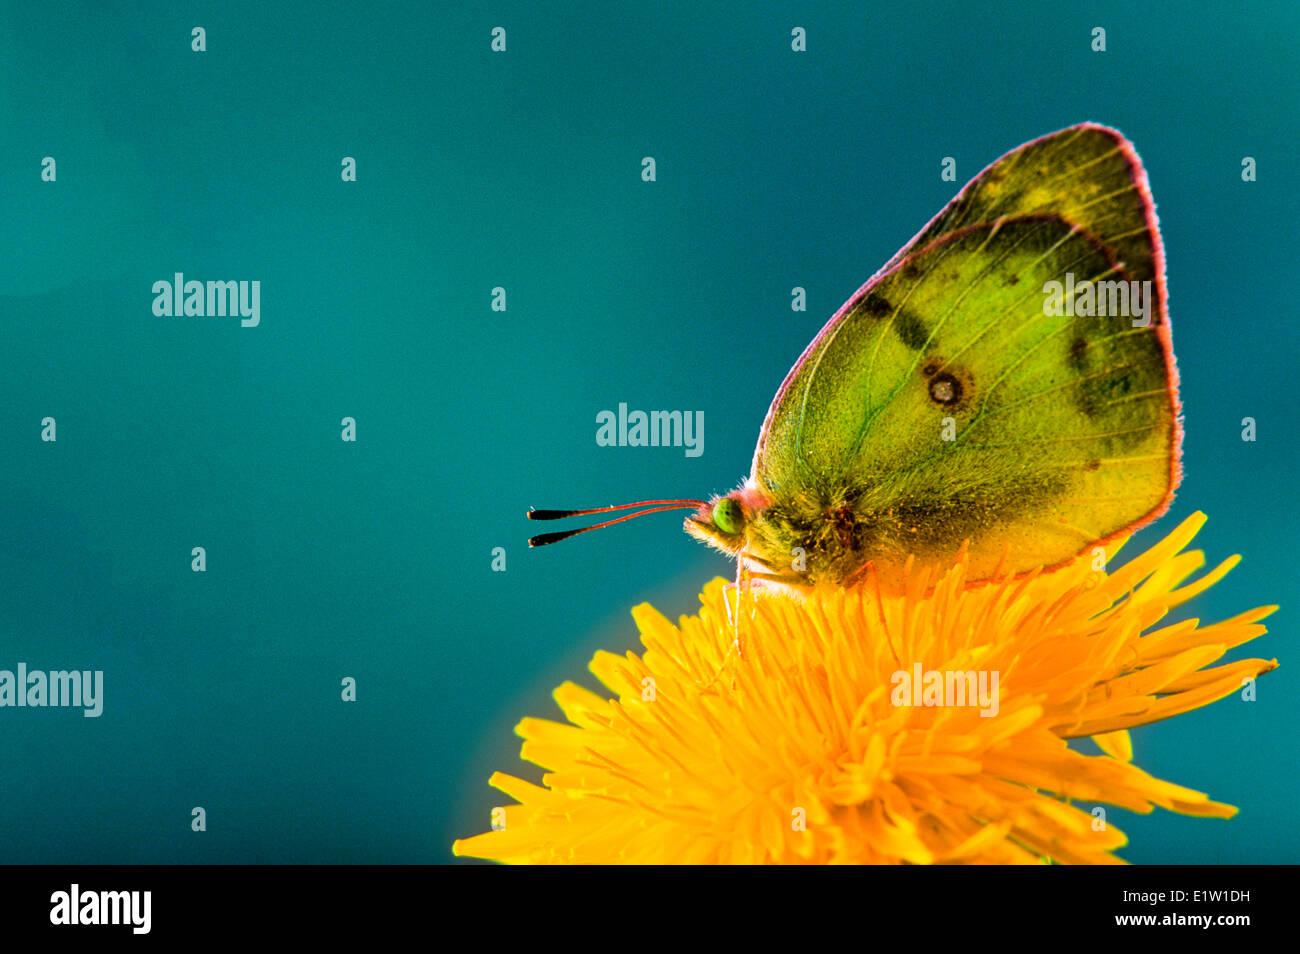 Comunes o nublado, mariposas de azufre (Colias philodice) vista ventral. Foto de stock